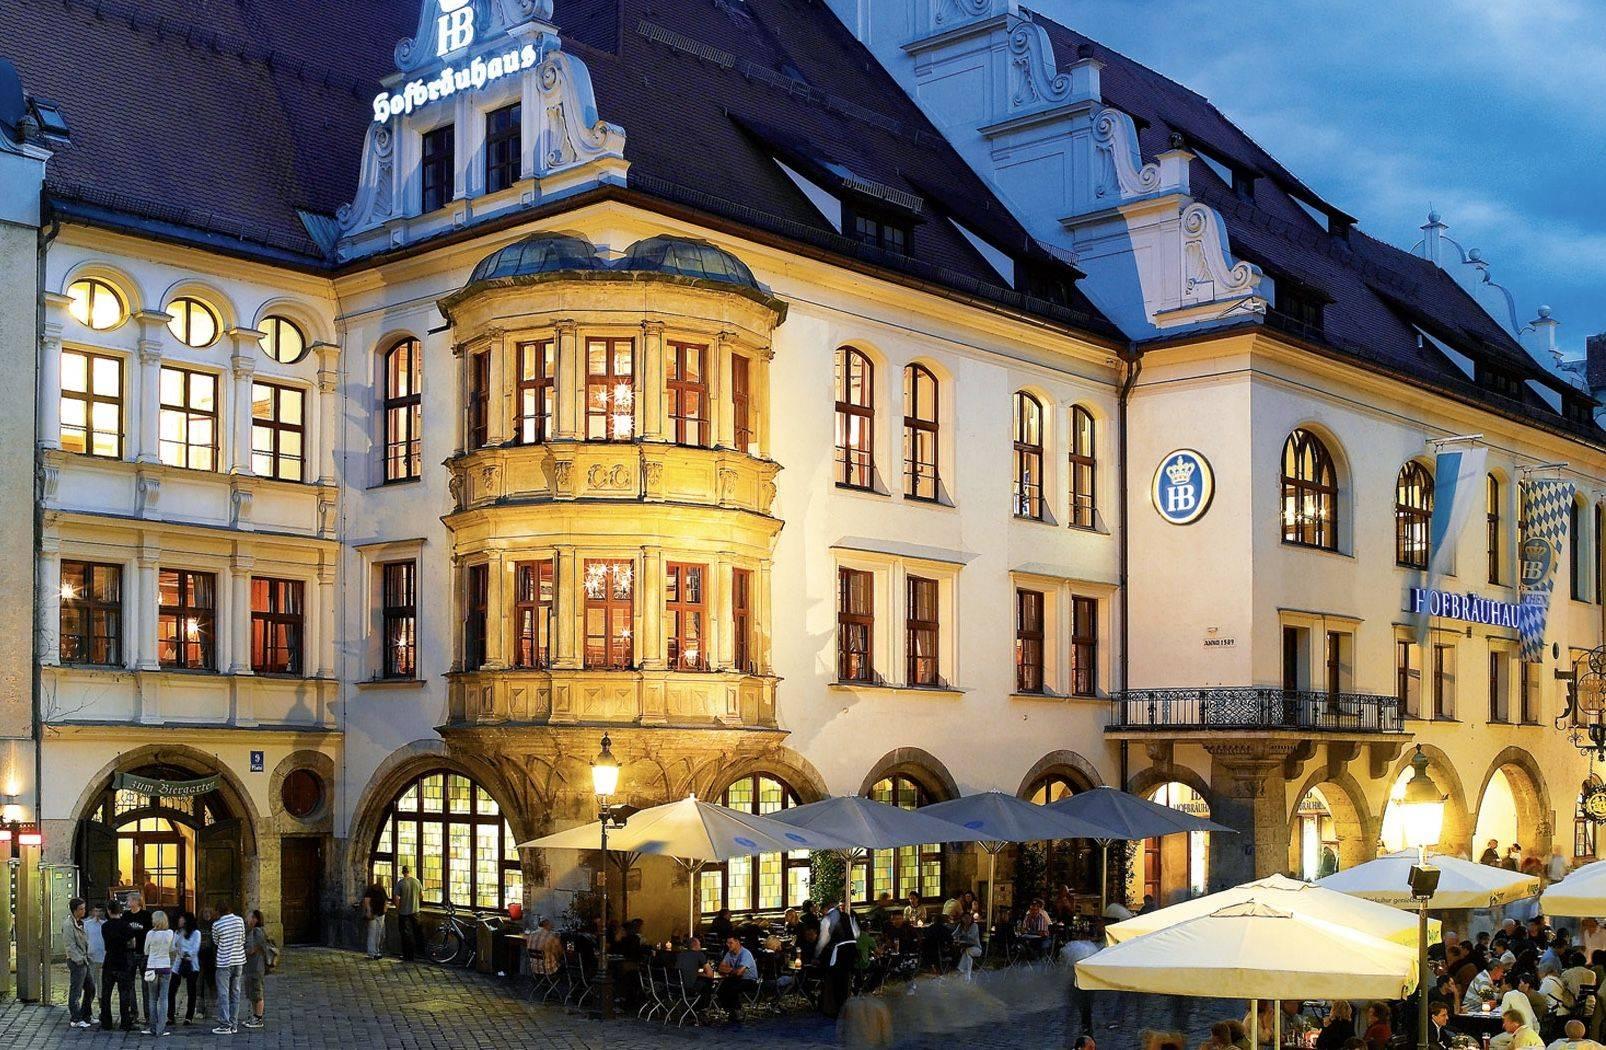 Пивной ресторан хофбройхаус в мюнхене: адрес, меню и цены